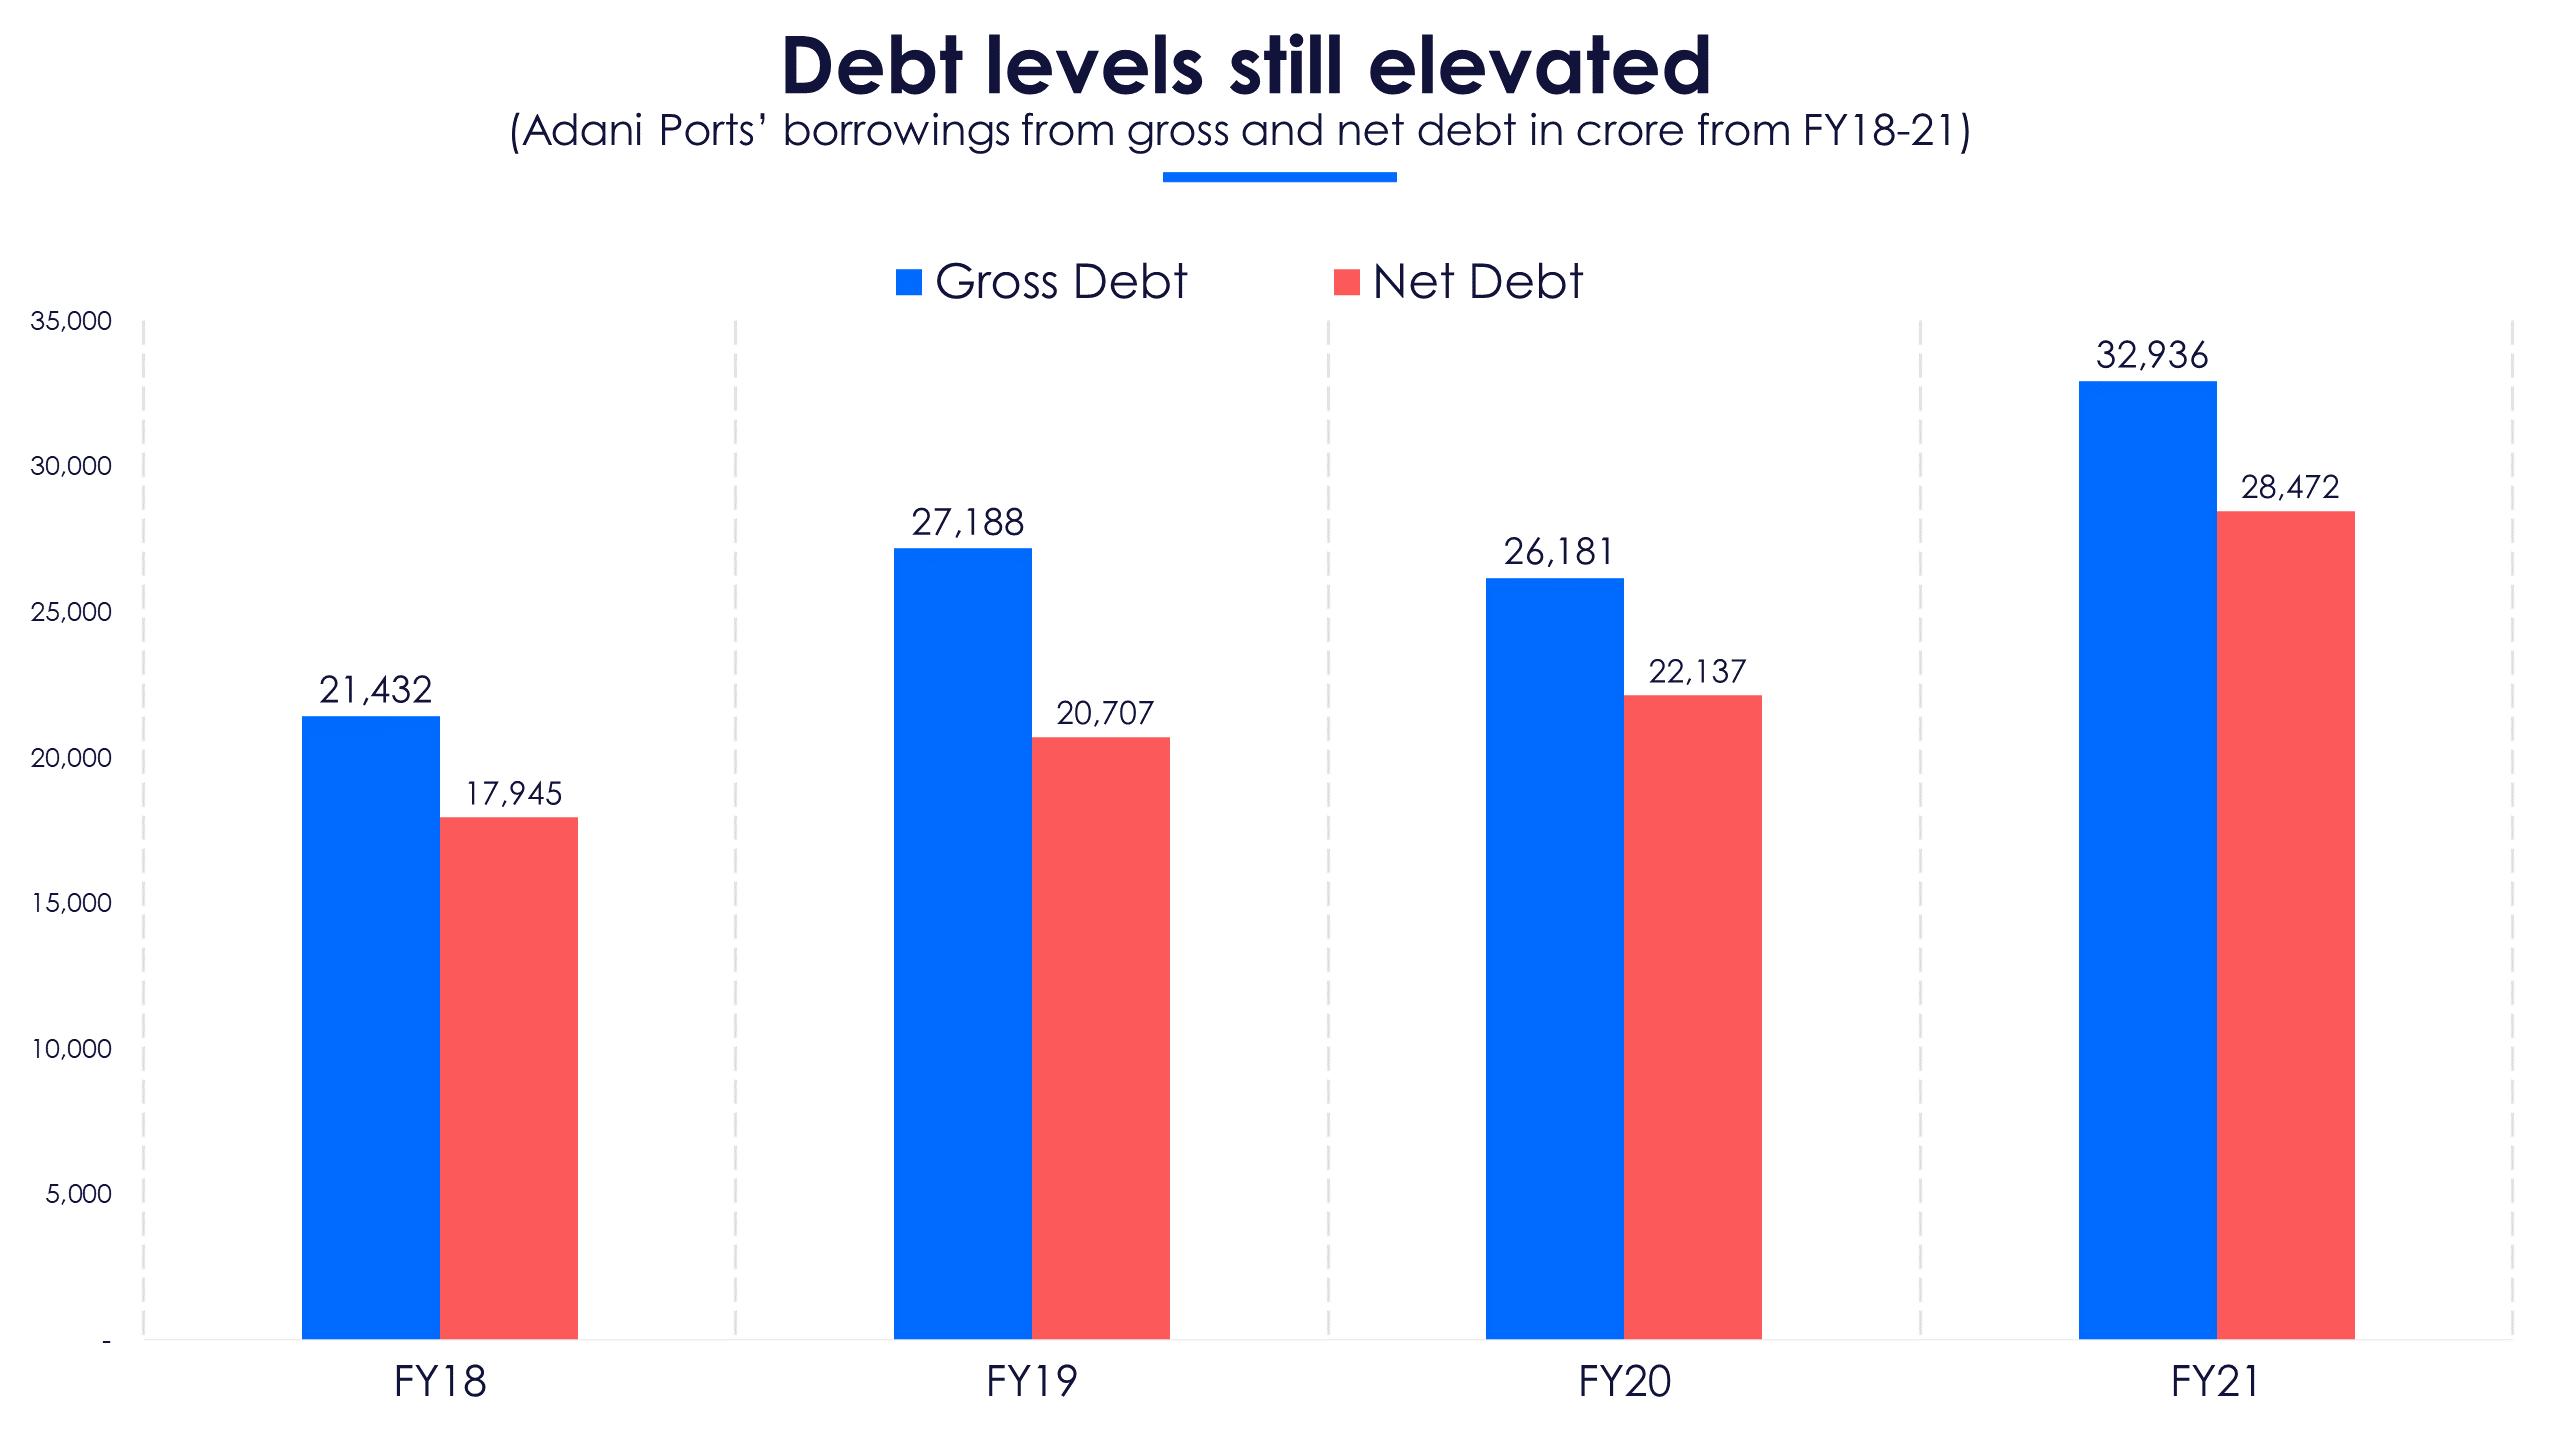 Adani Ports debt